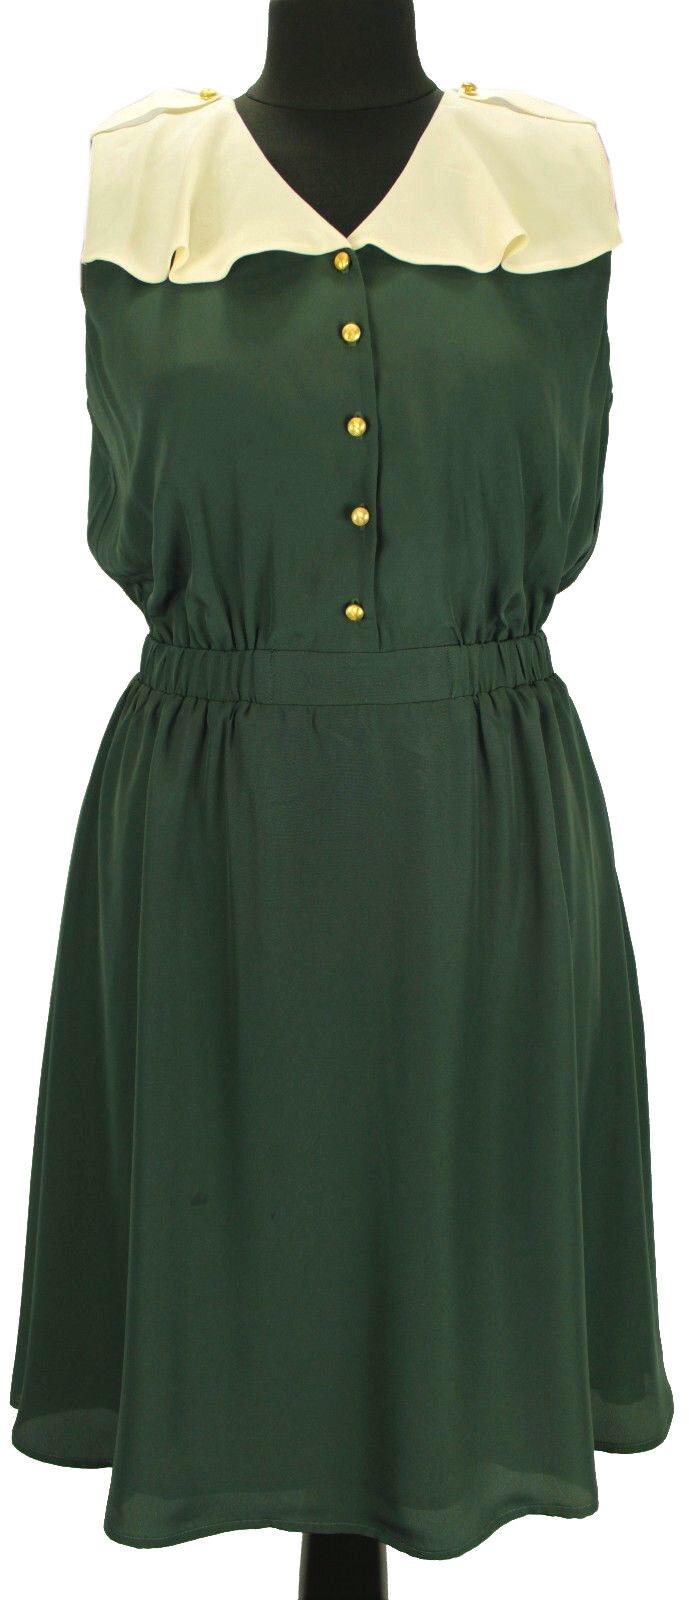 Mint & Berry Hausfraukleid Damen Sommerkleid Abendkleid Kontrast Joch Kleid Stil